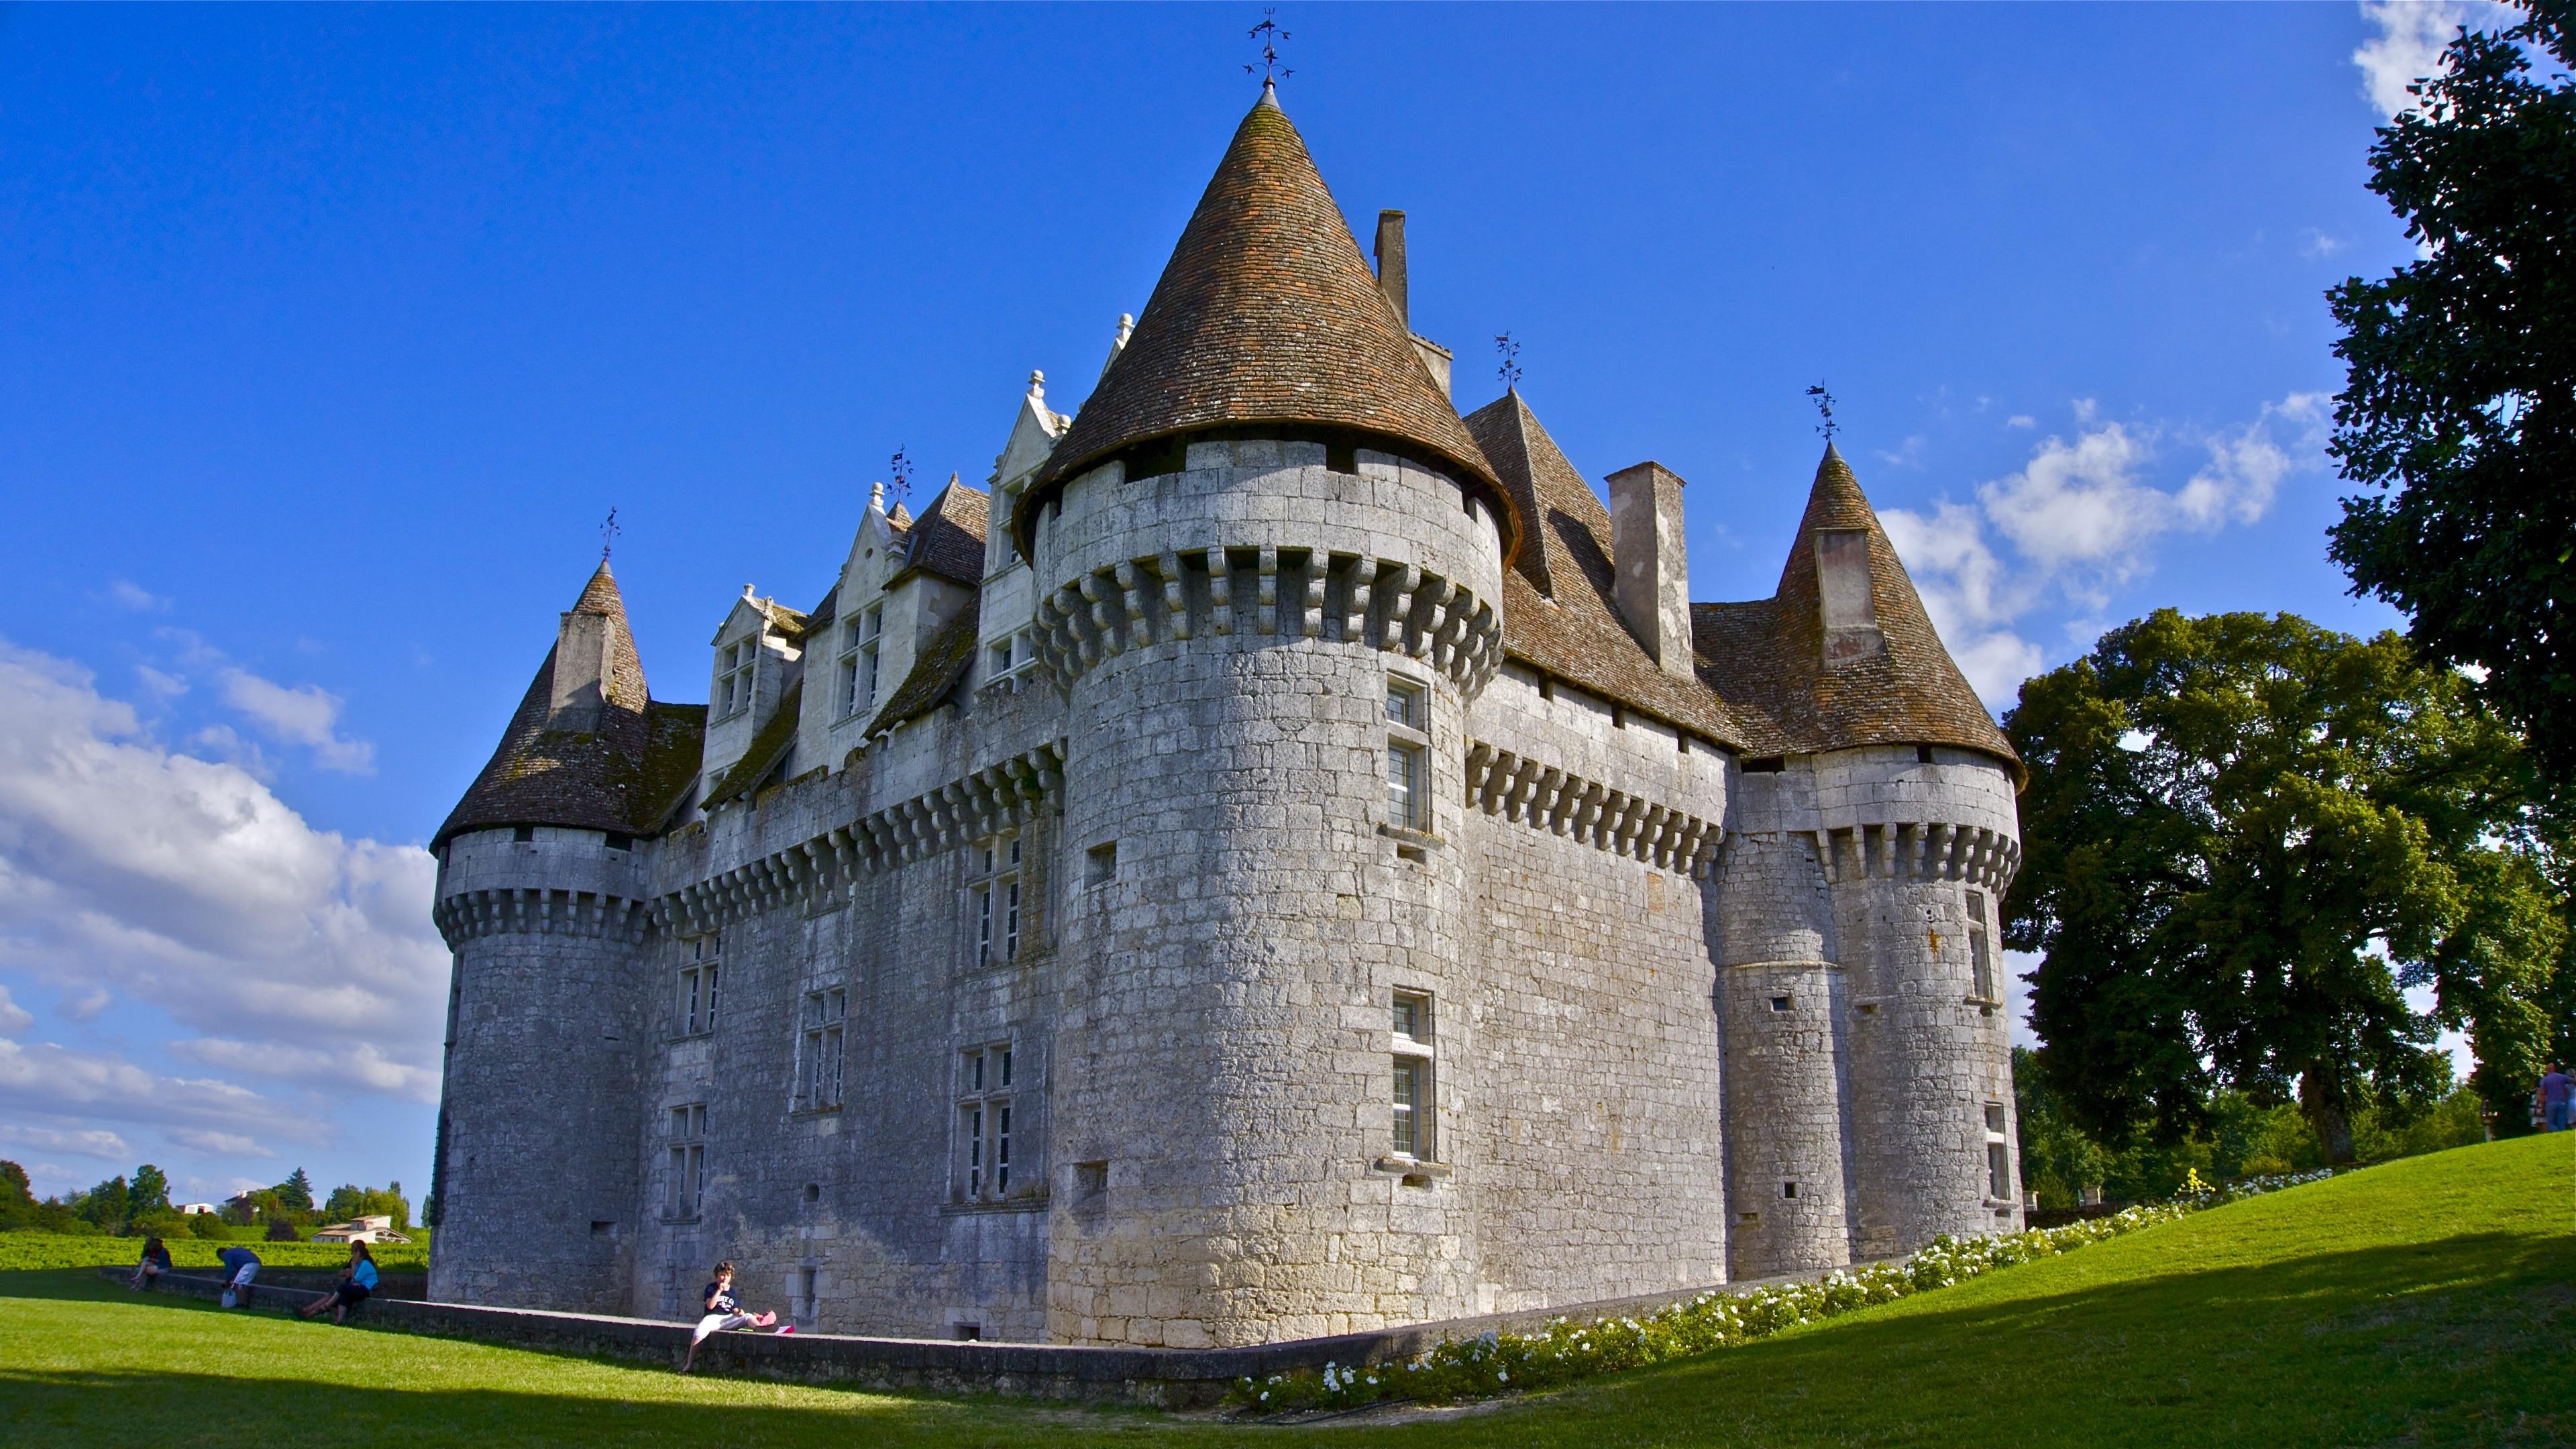 Chateau de Monbazillac, Monbazillac, Dordogne, France